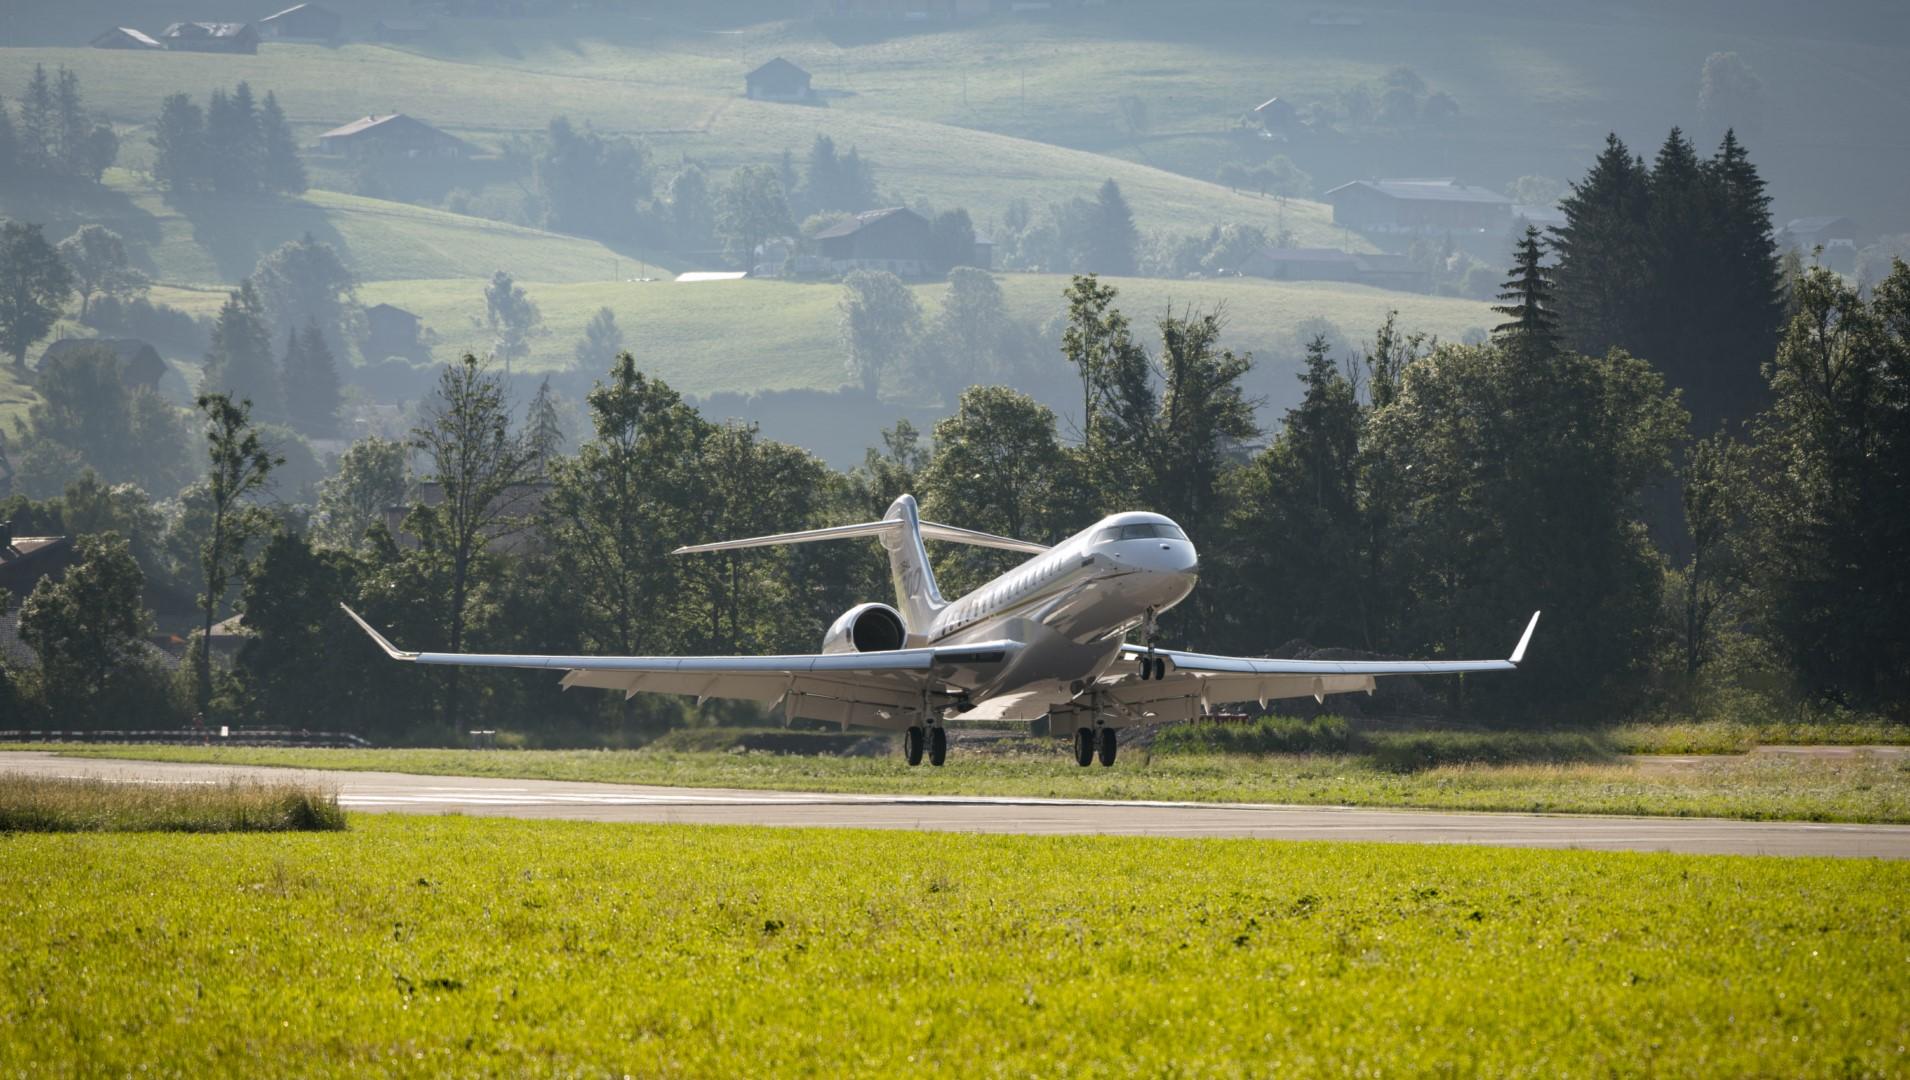 El Global 7500 de Bombardier, alcanza nuevas alturas en el corazón de los Alpes suizos